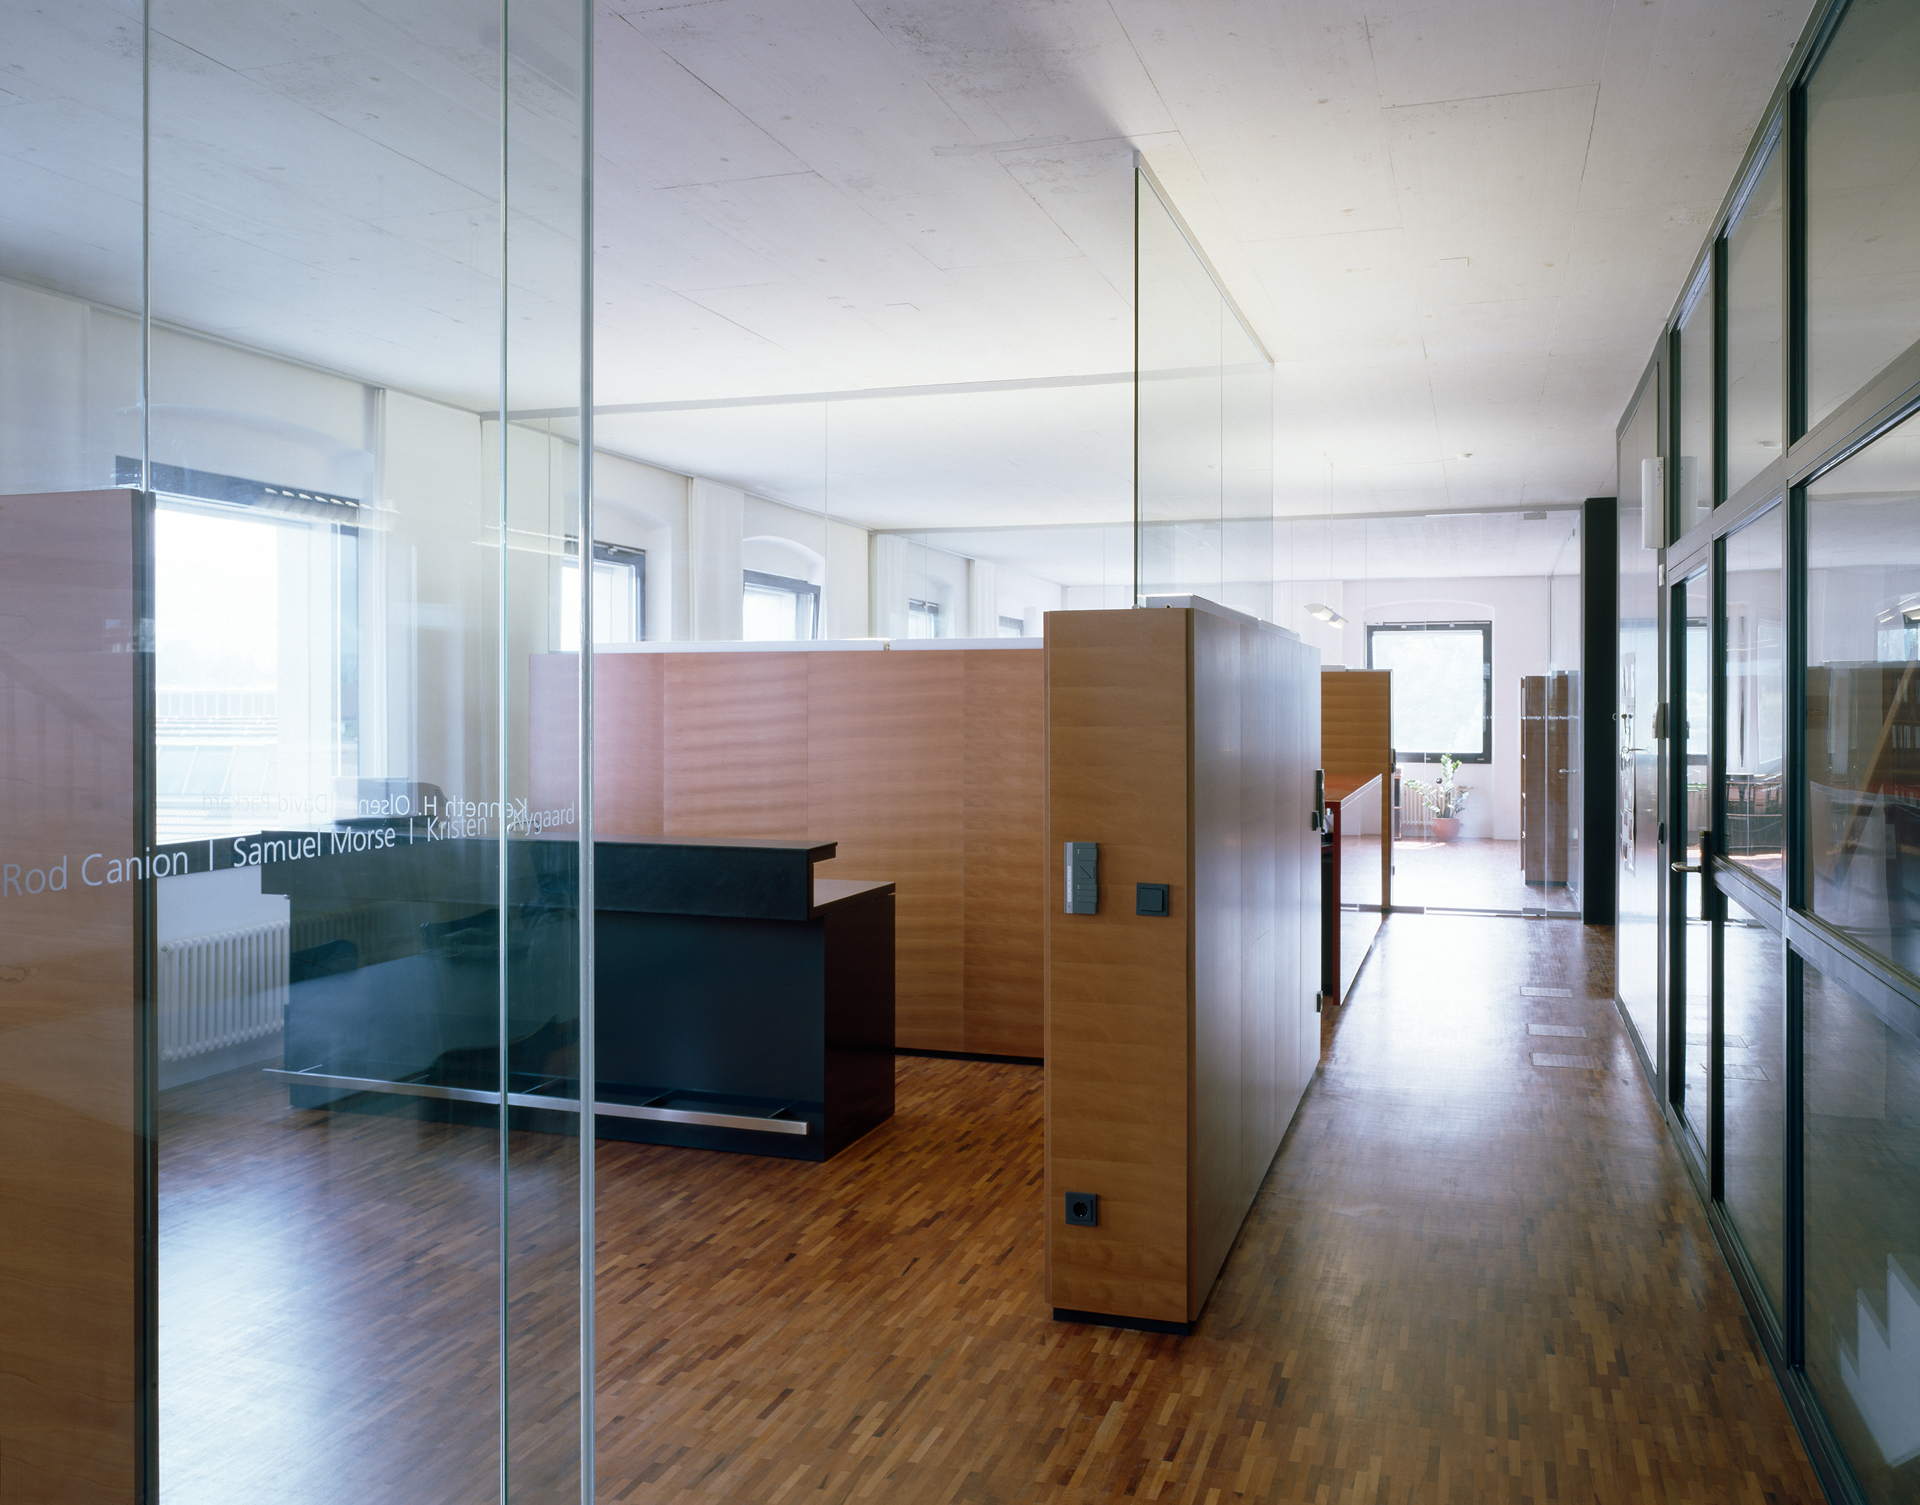 dyna bcs – wolfgang ritsch architekten, Innenarchitektur ideen